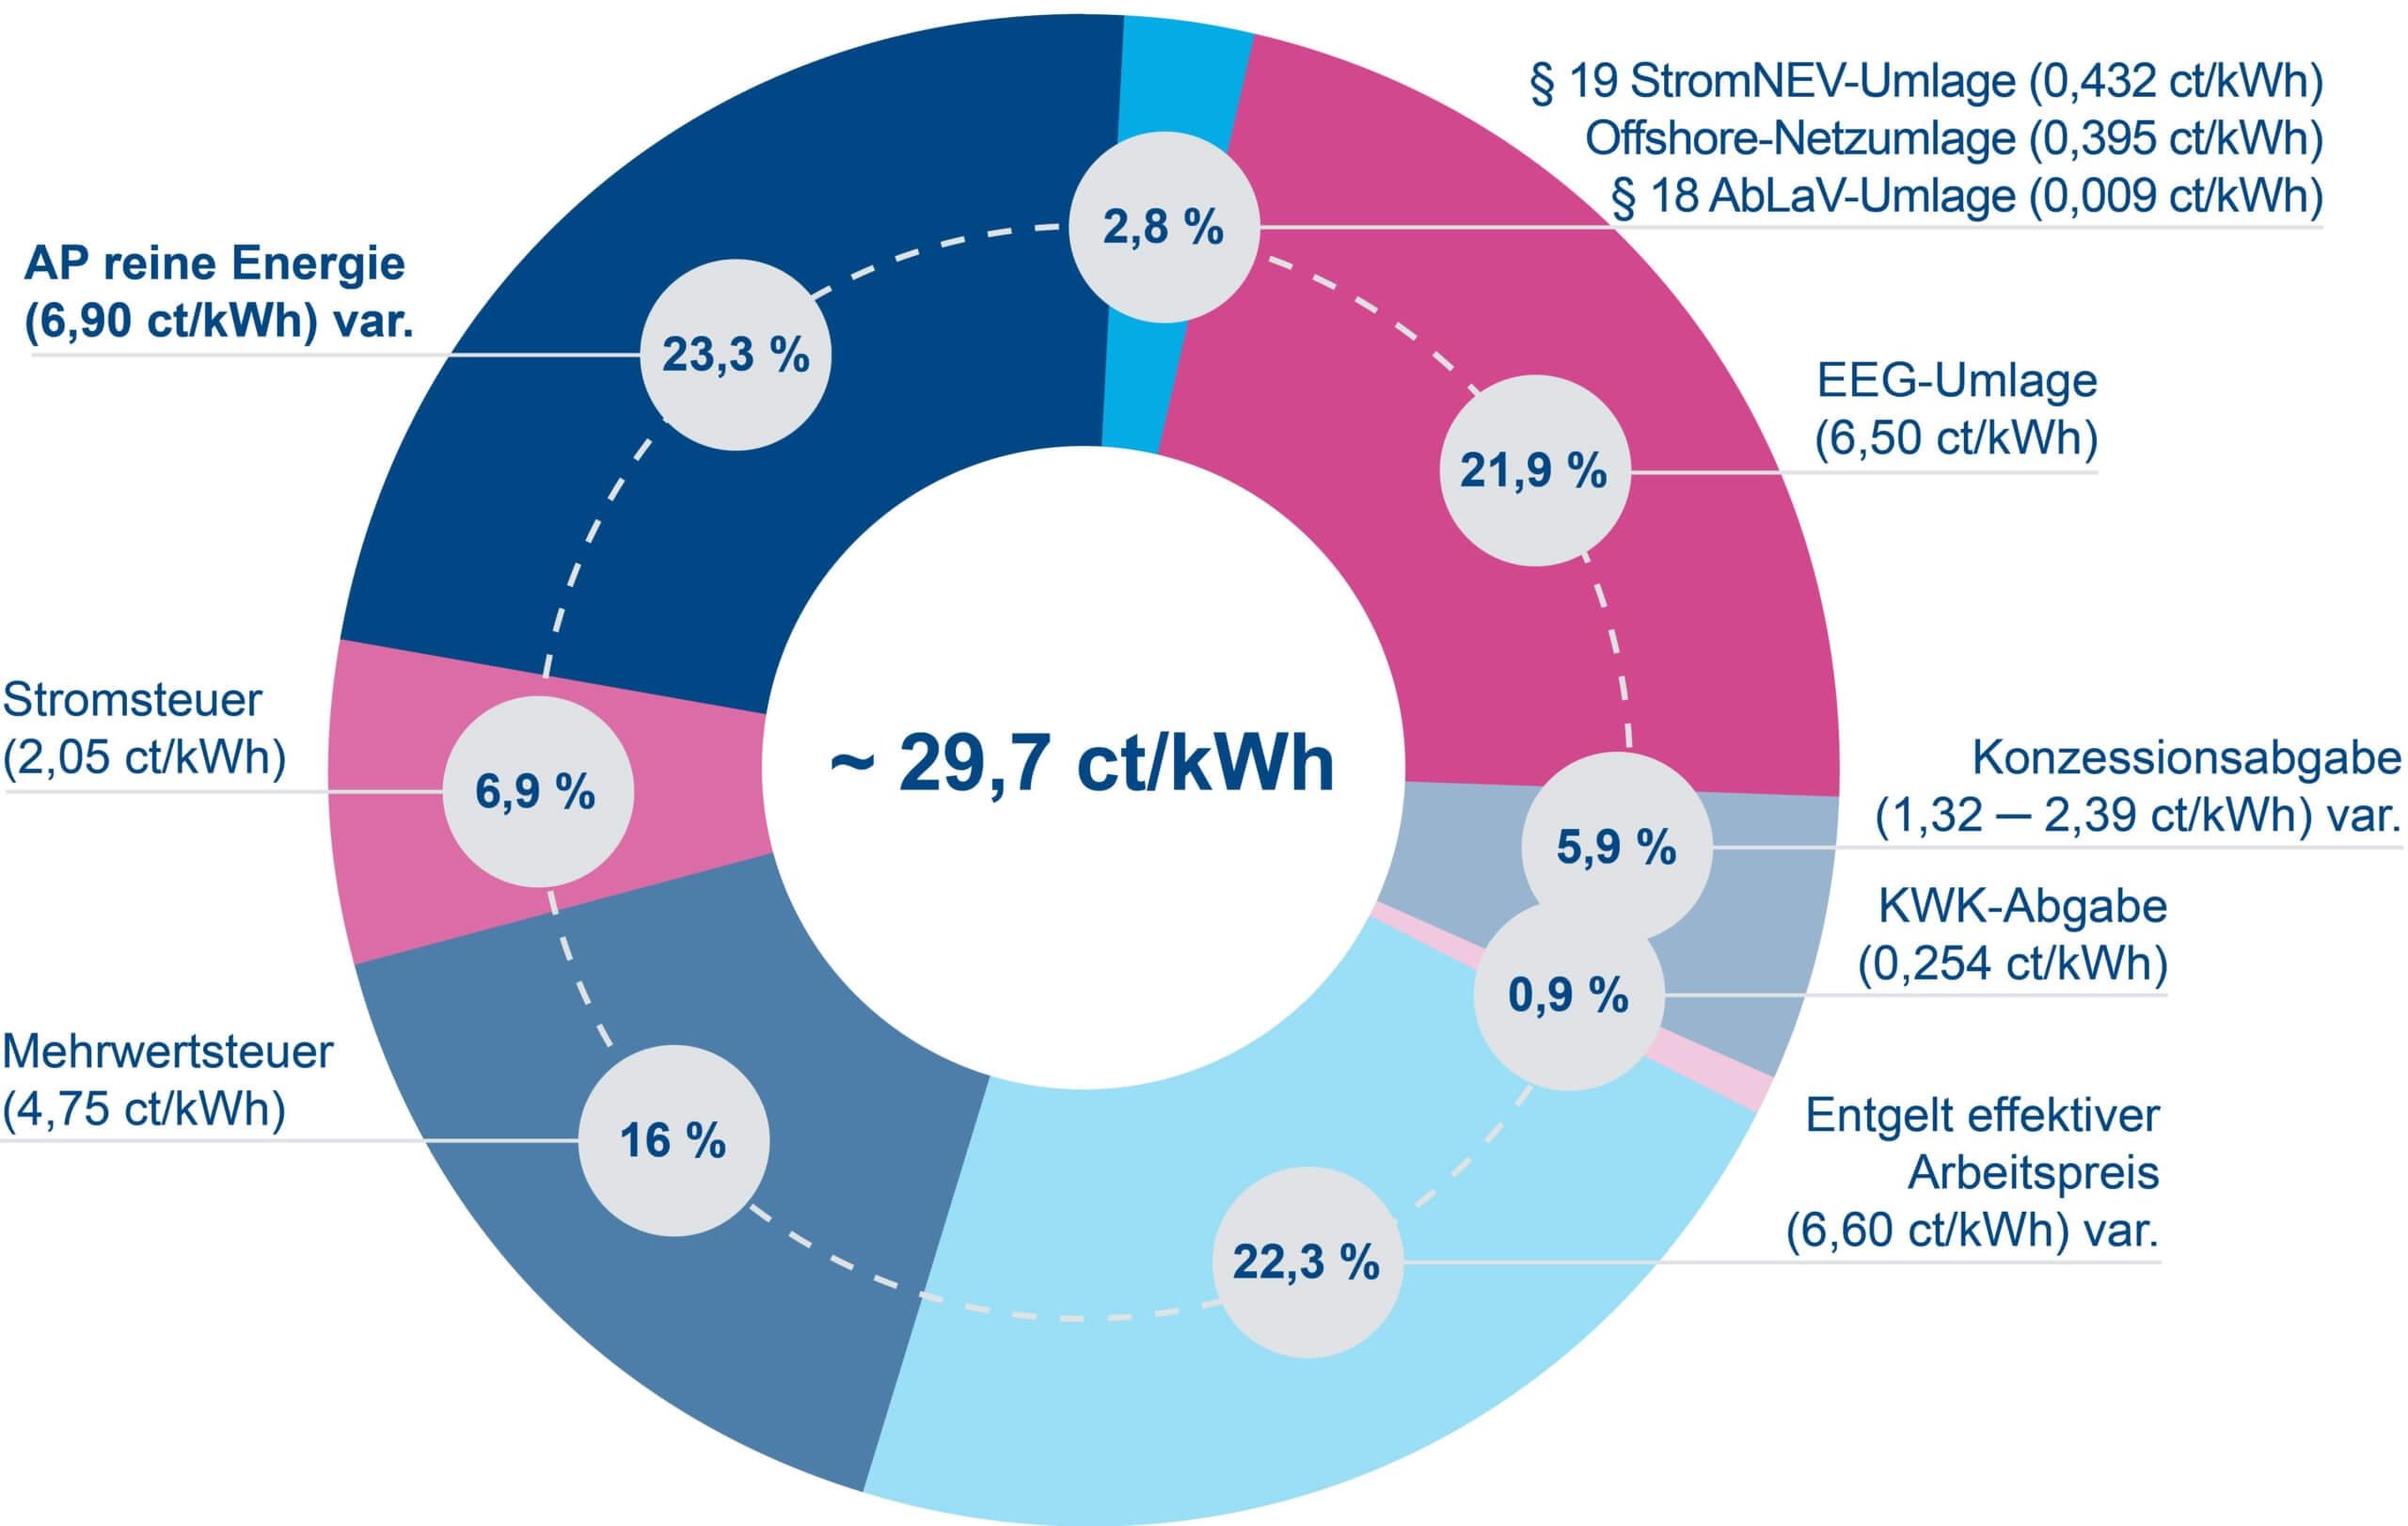 Diagramm Zusammensetzung Strompreis 2021